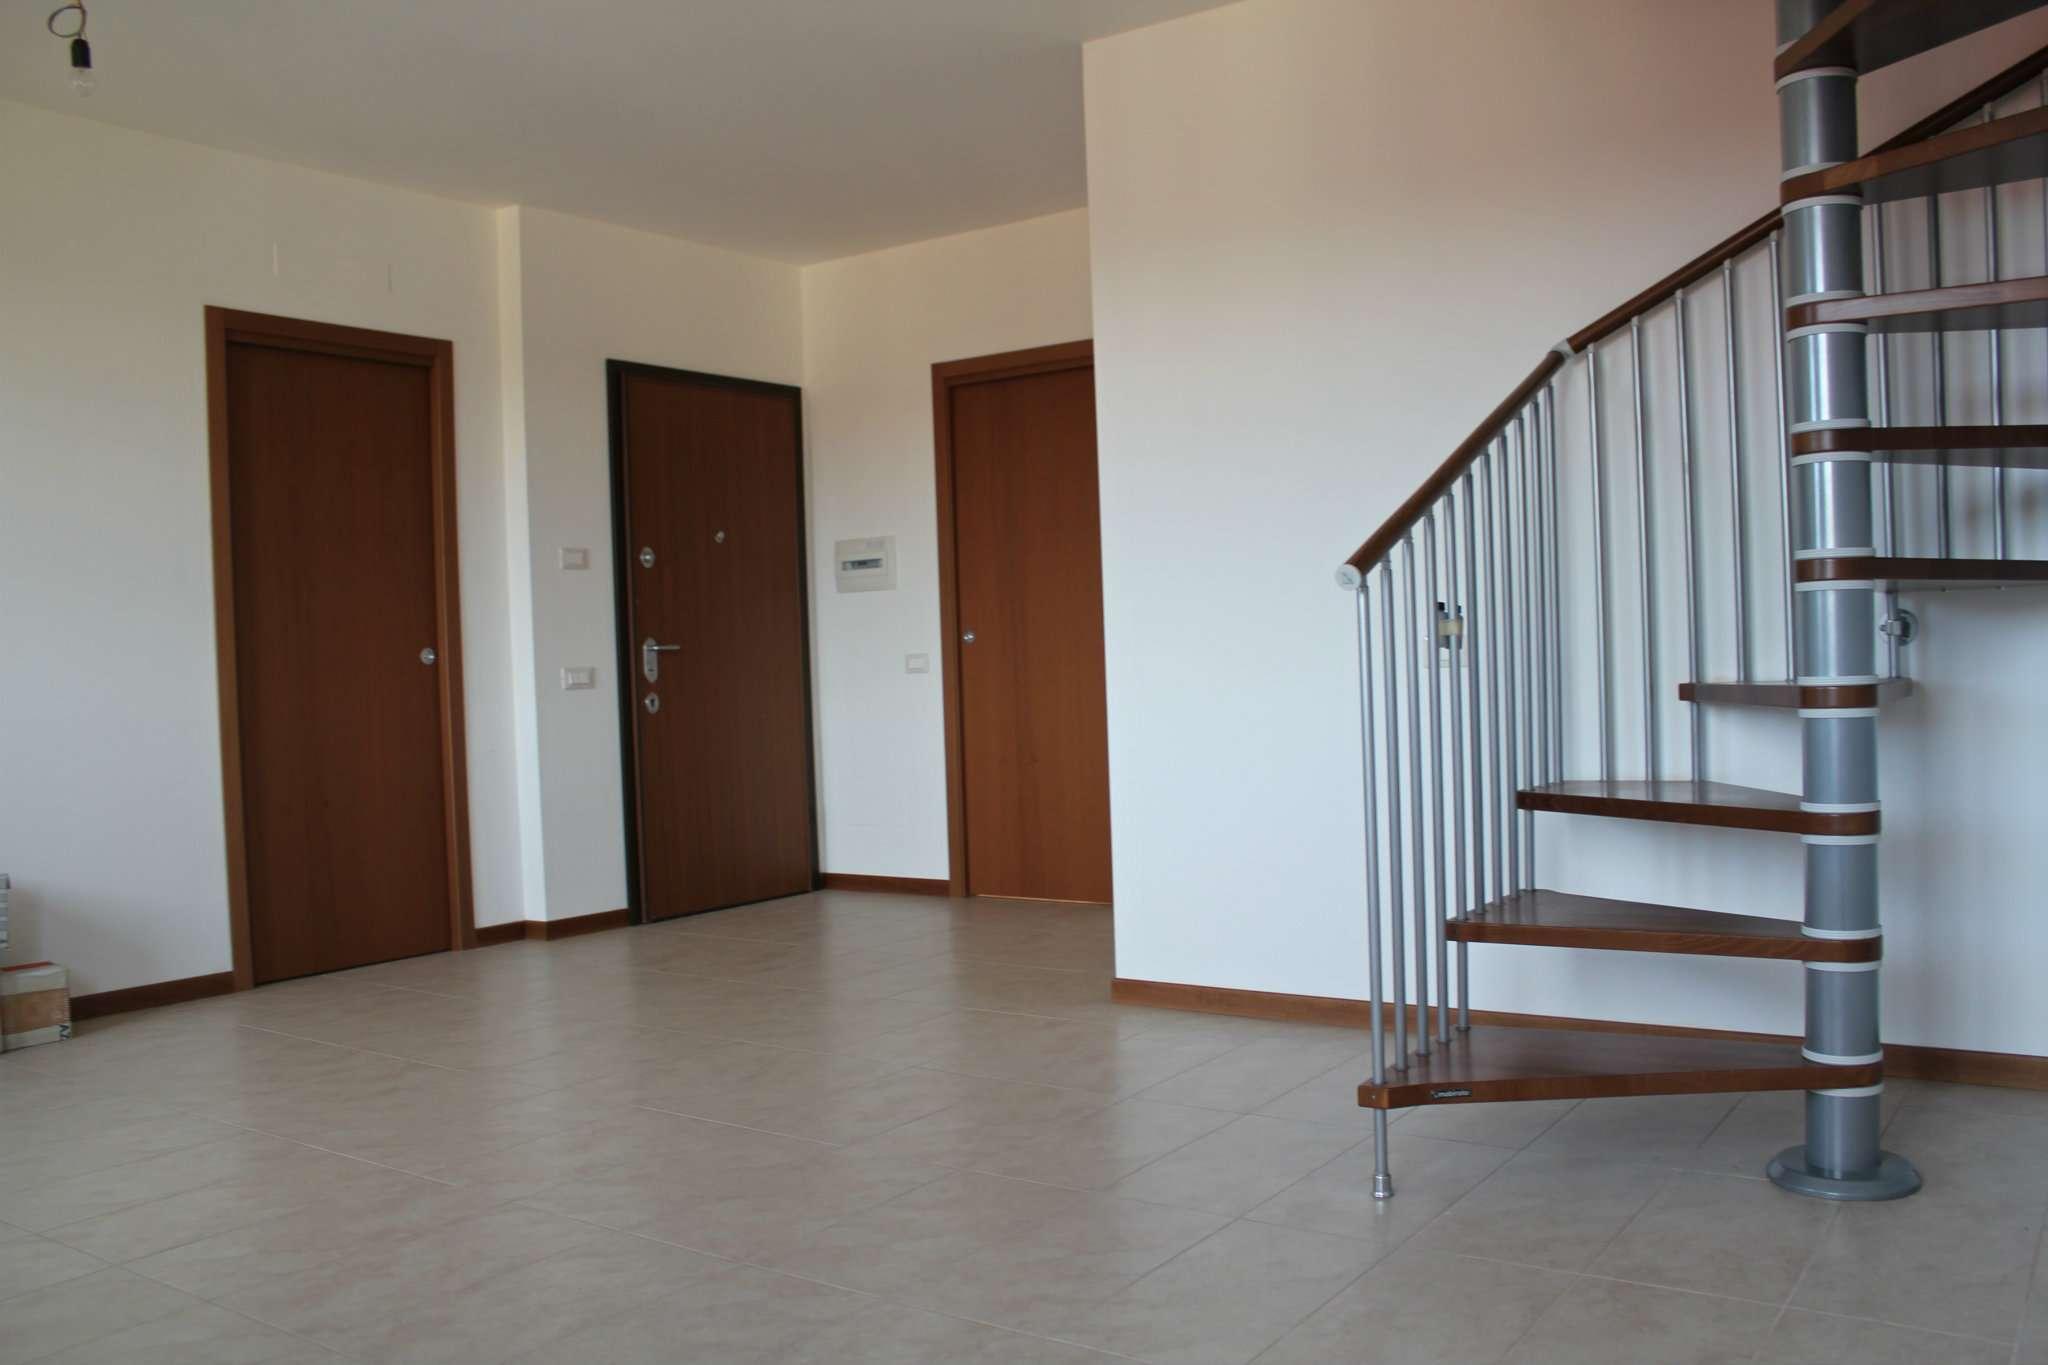 Appartamento in vendita a Bernareggio, 3 locali, prezzo € 210.000 | PortaleAgenzieImmobiliari.it